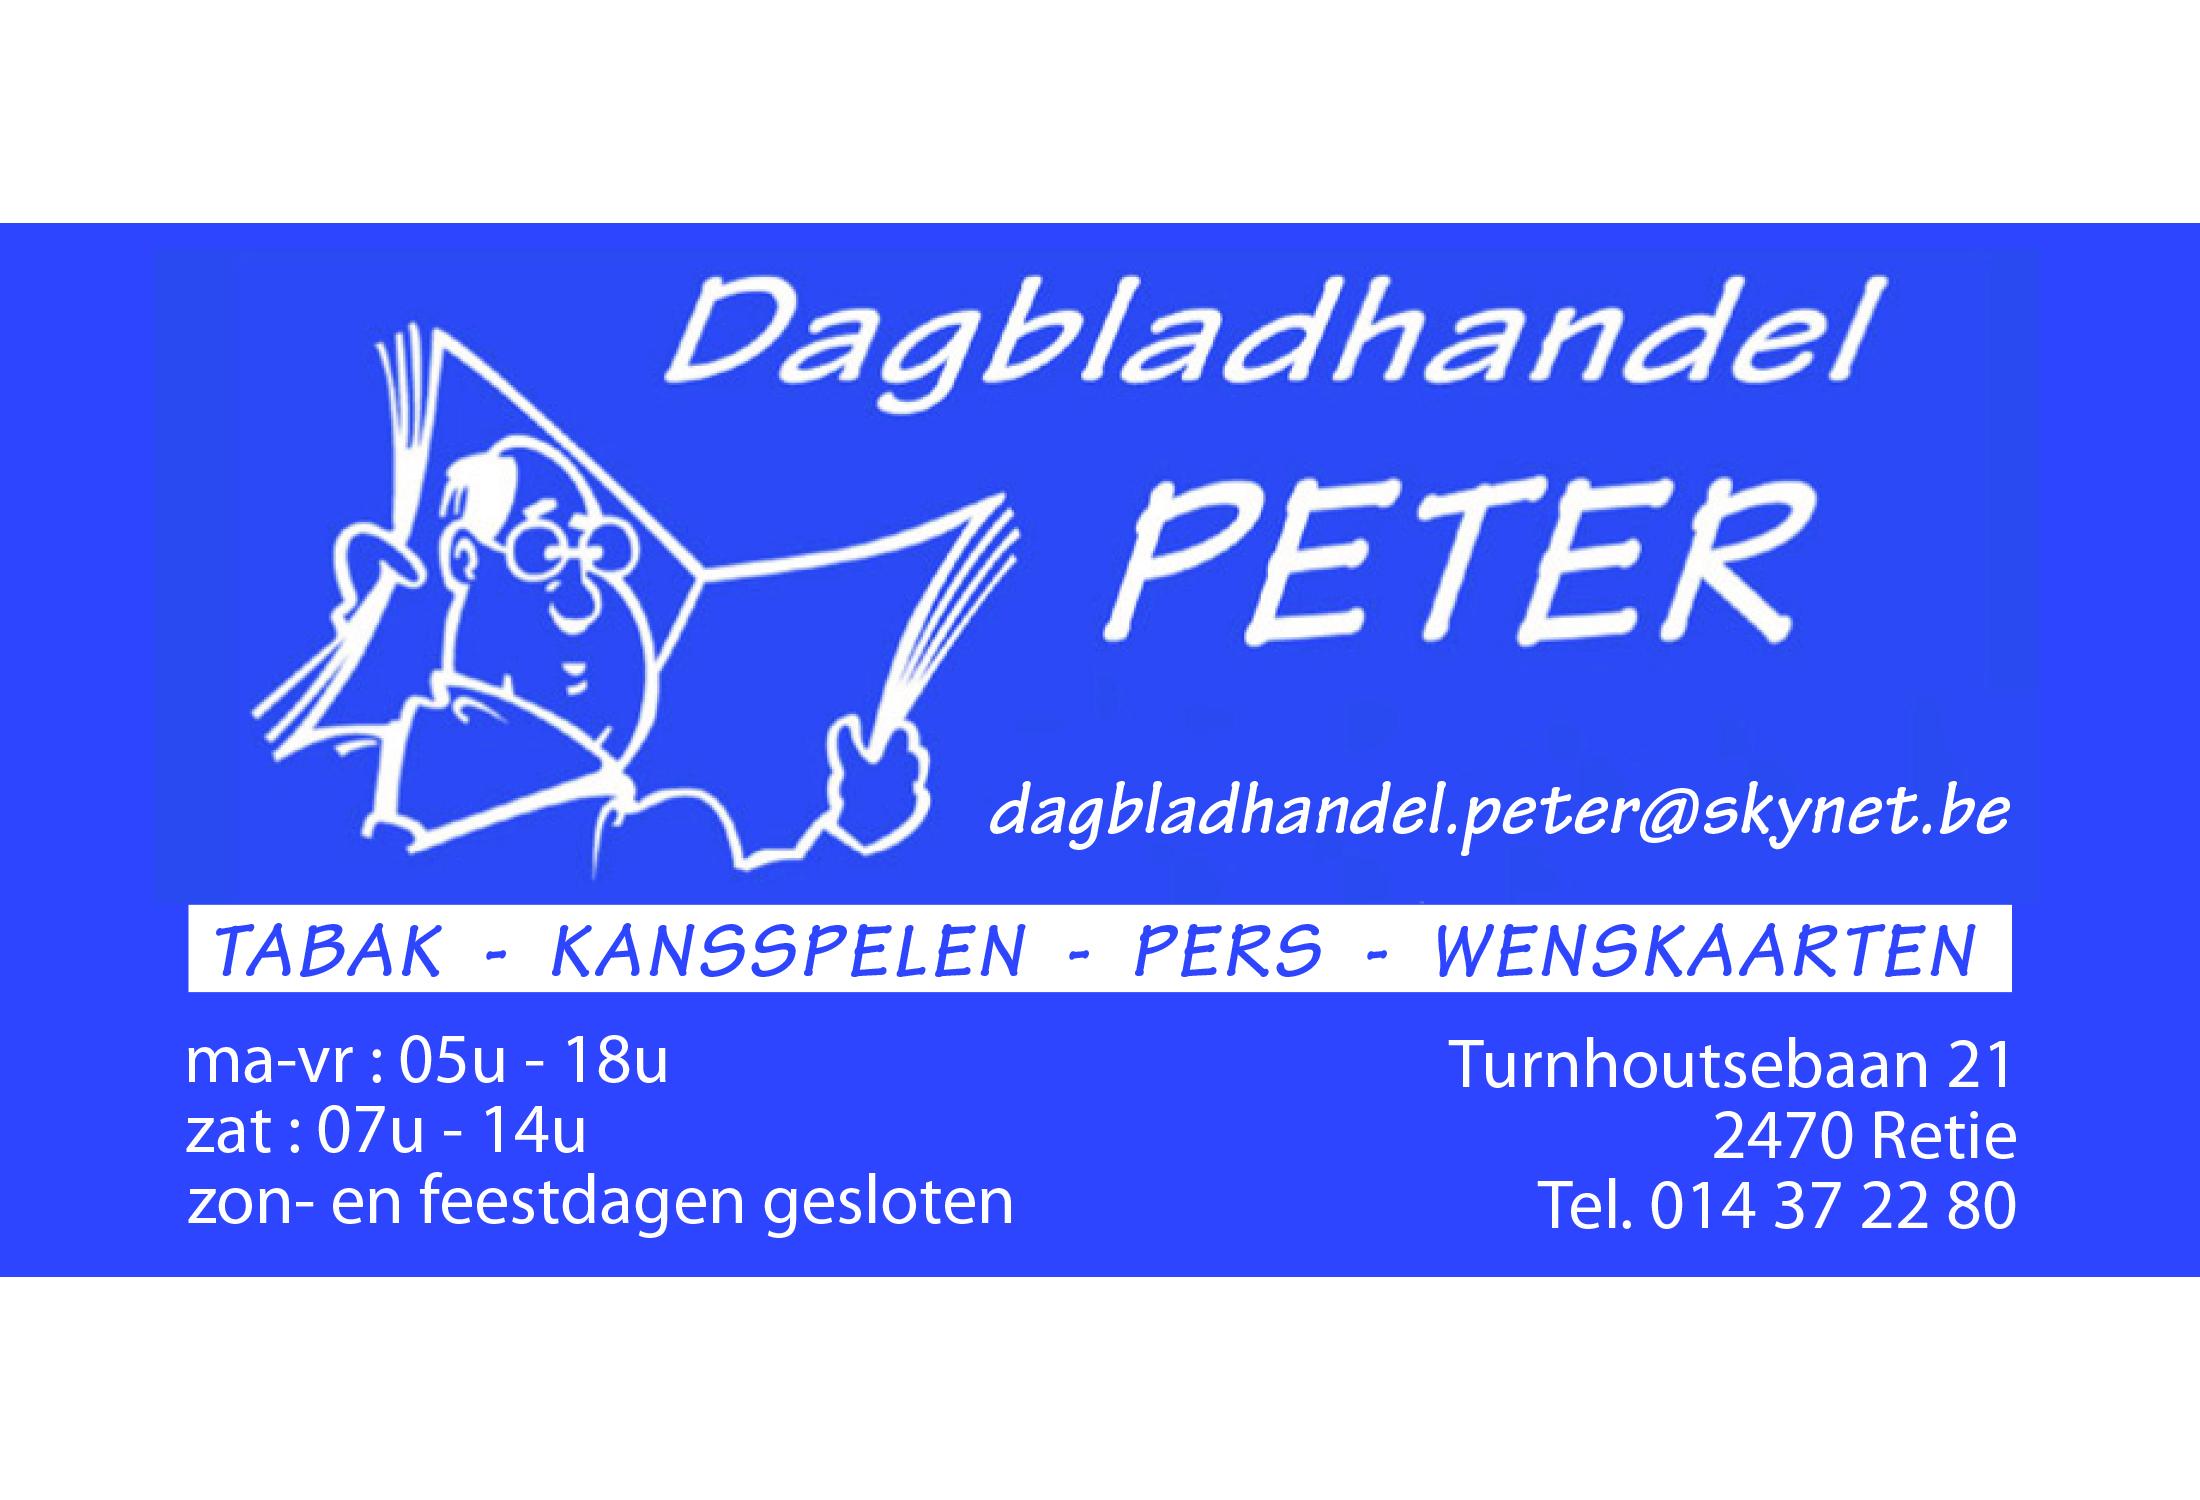 Dagbladhandel Peter.jpg